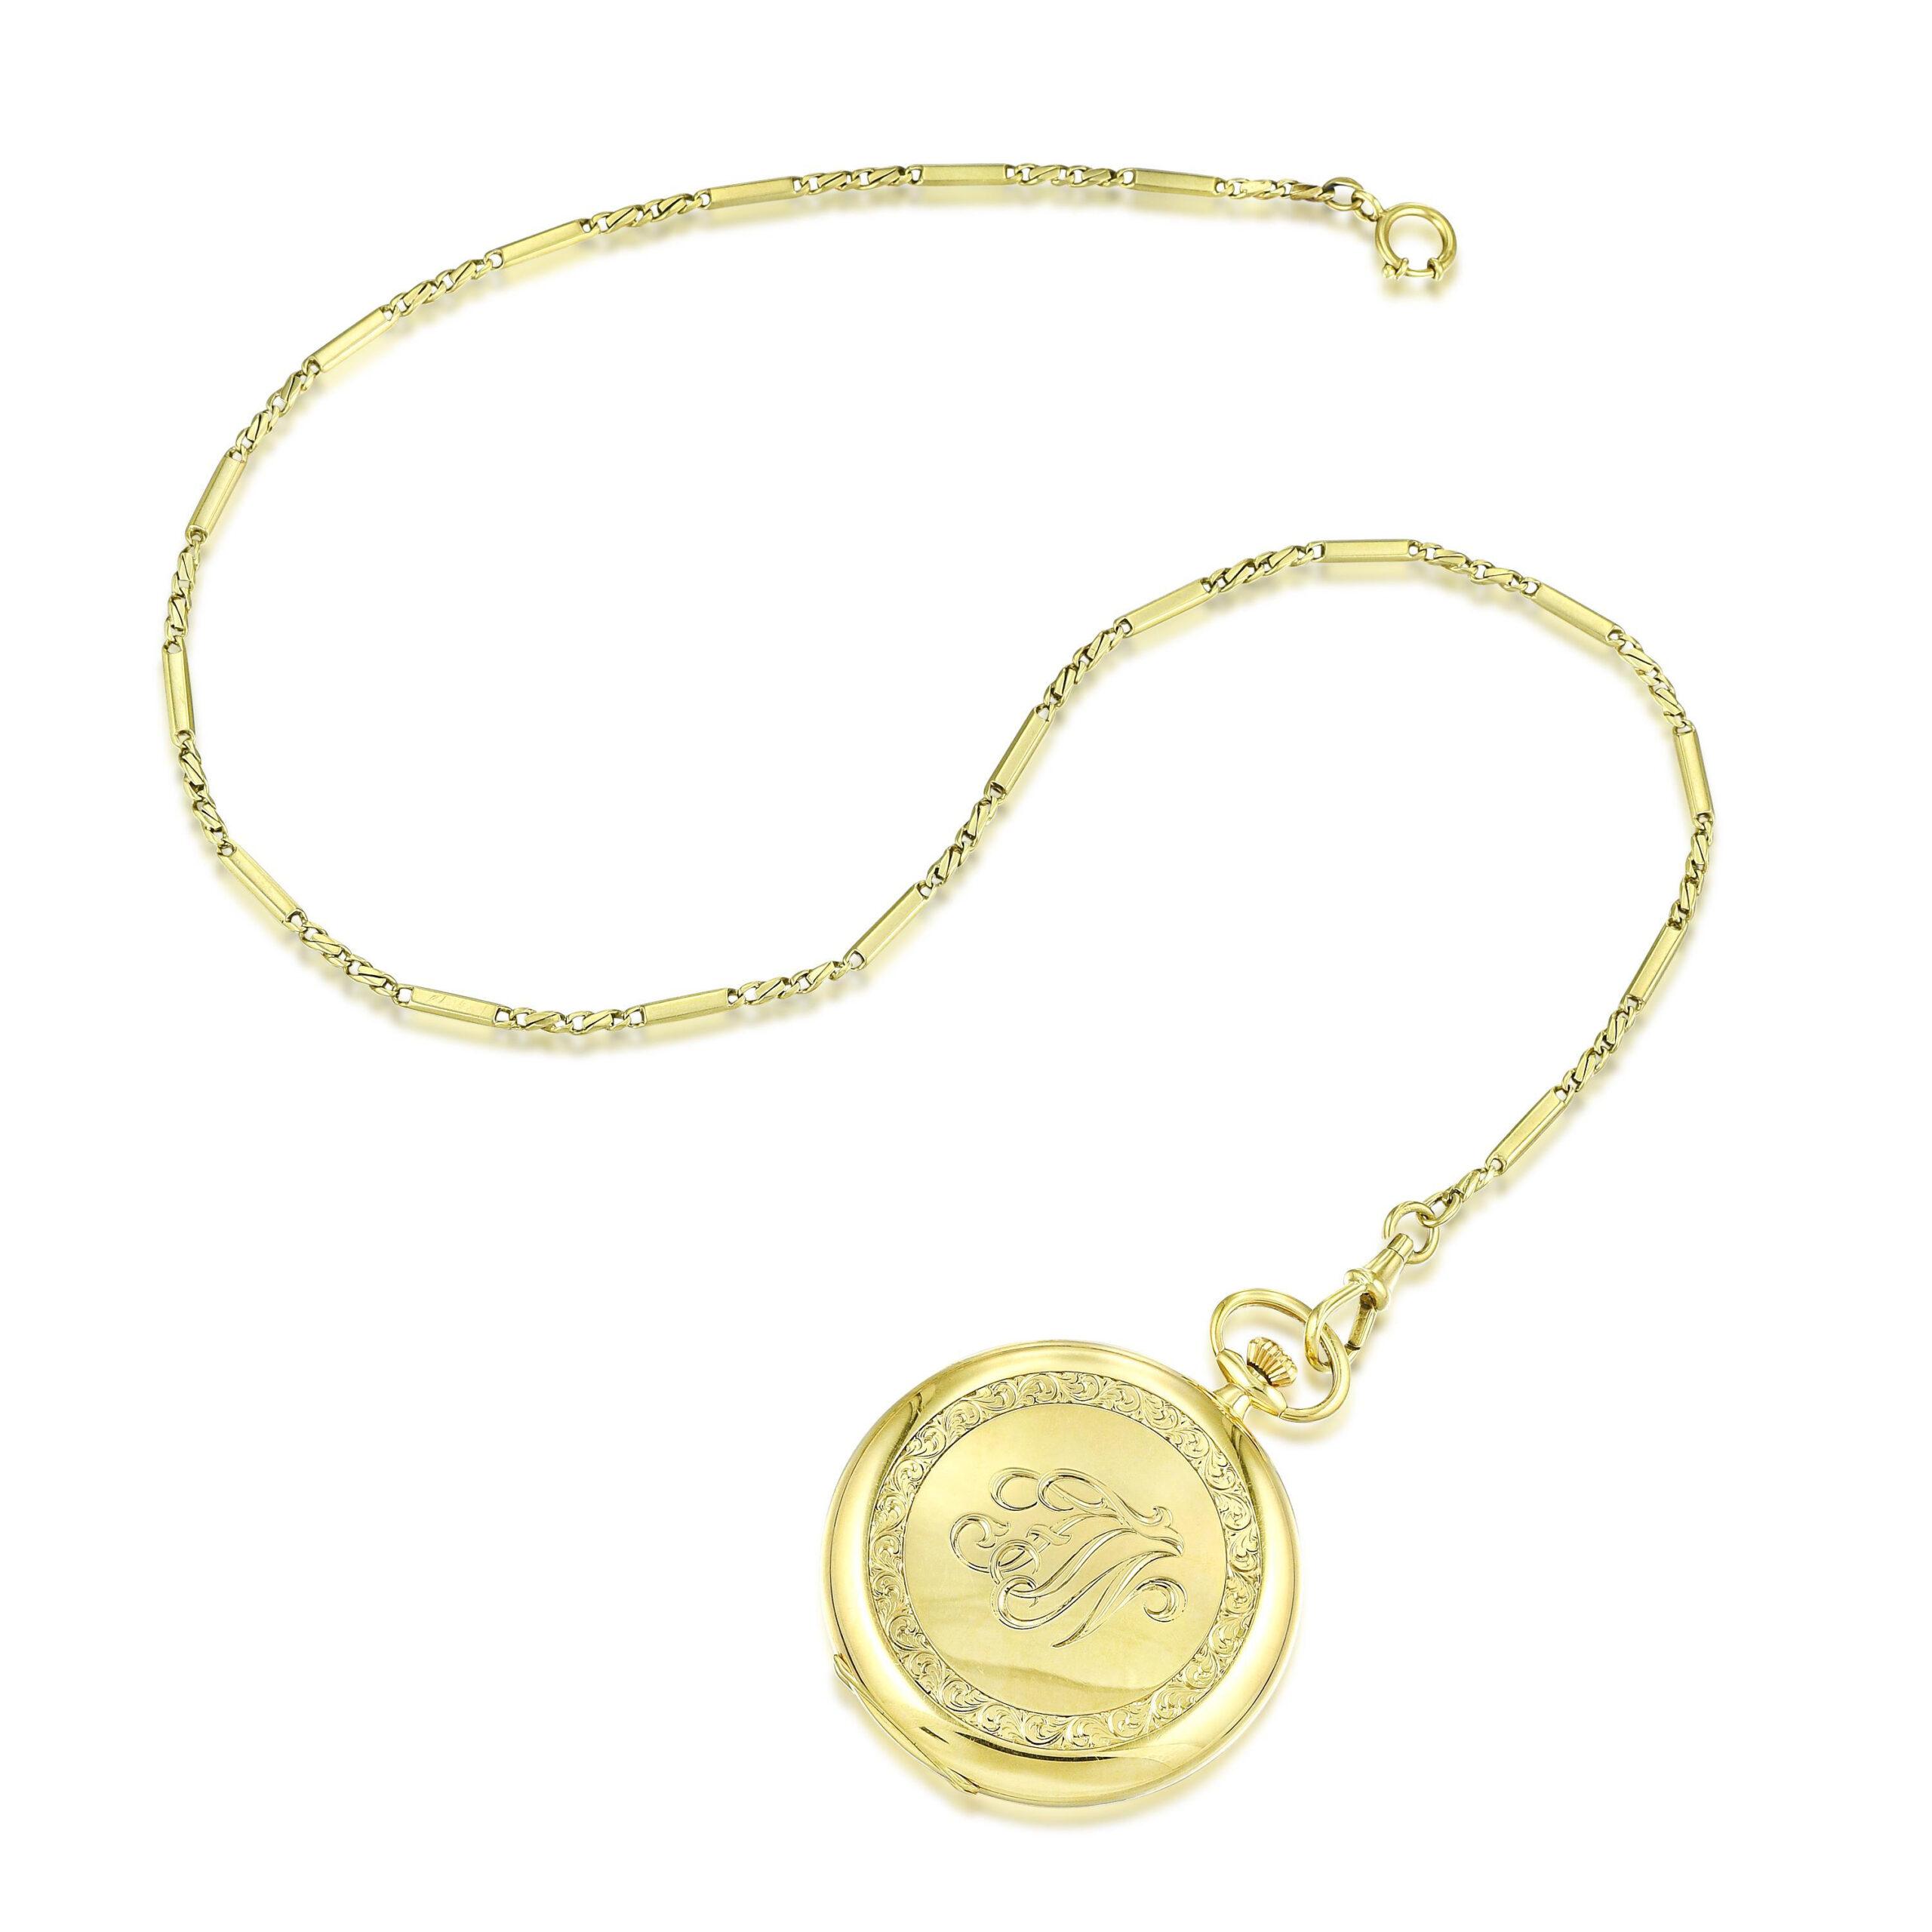 Patek Philippe ref. 983 Hunter Case in 18K Gold